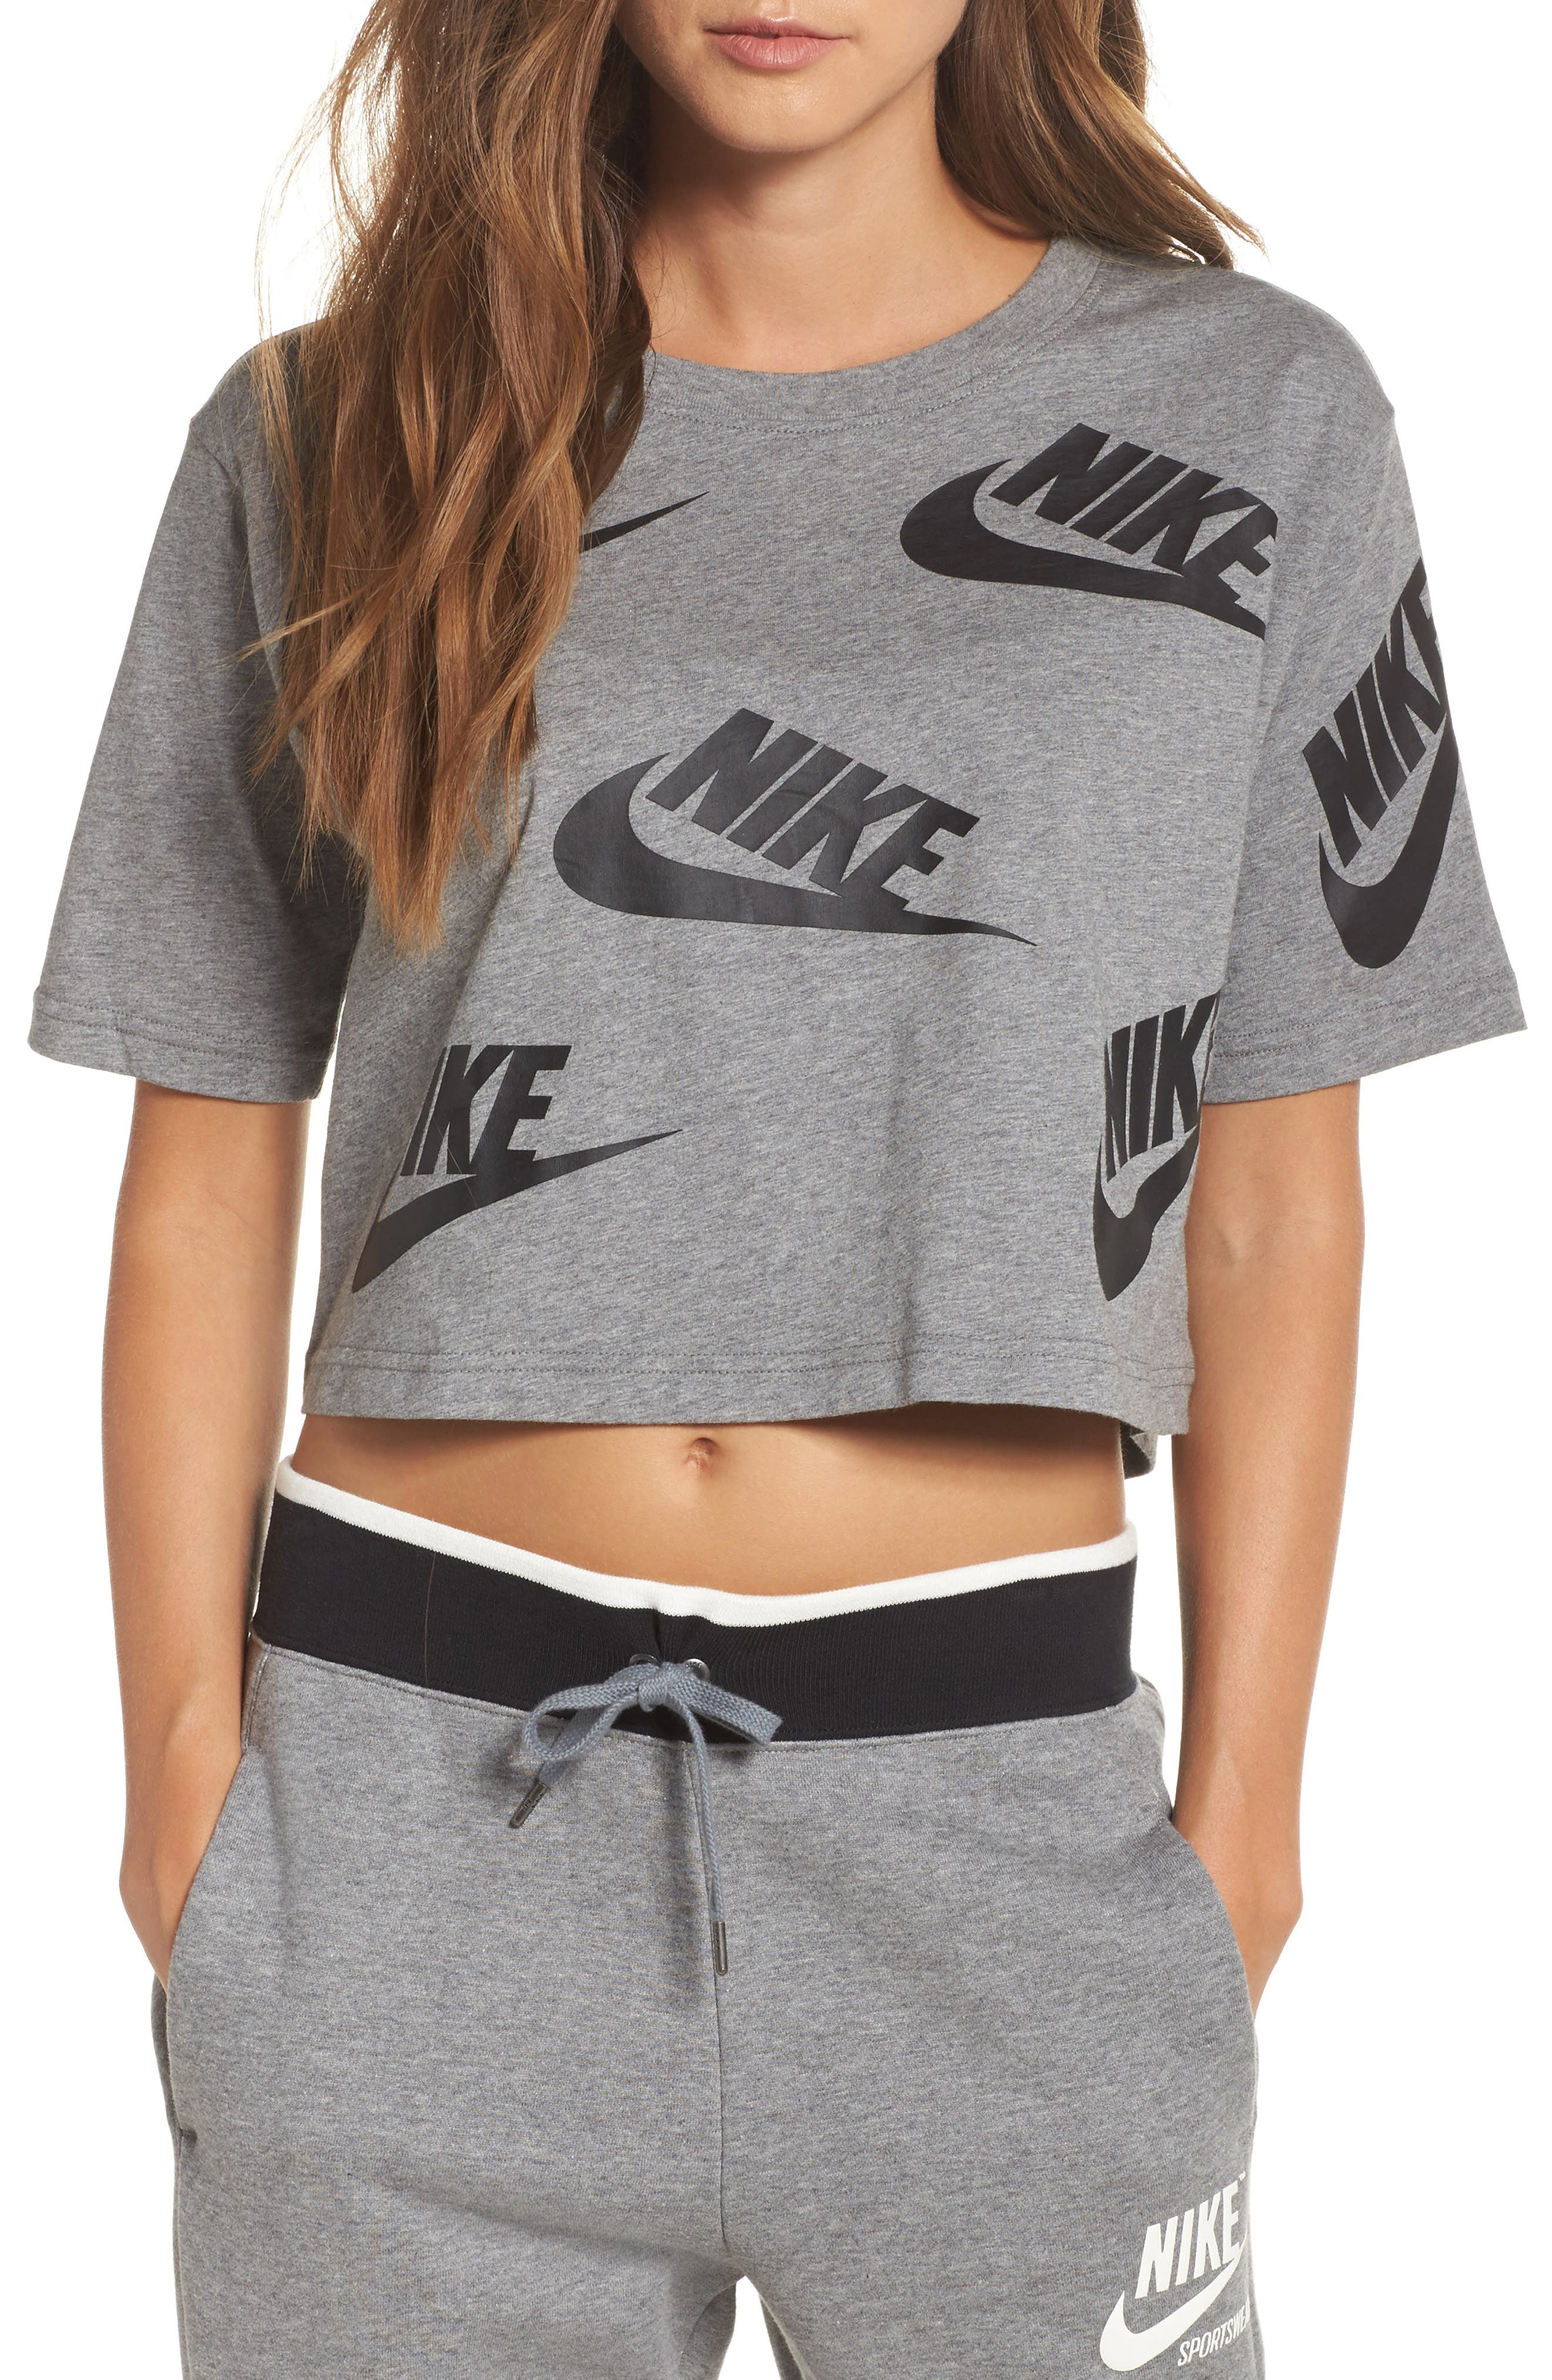 Main Image - Nike Sportswear Futura Crop Tee